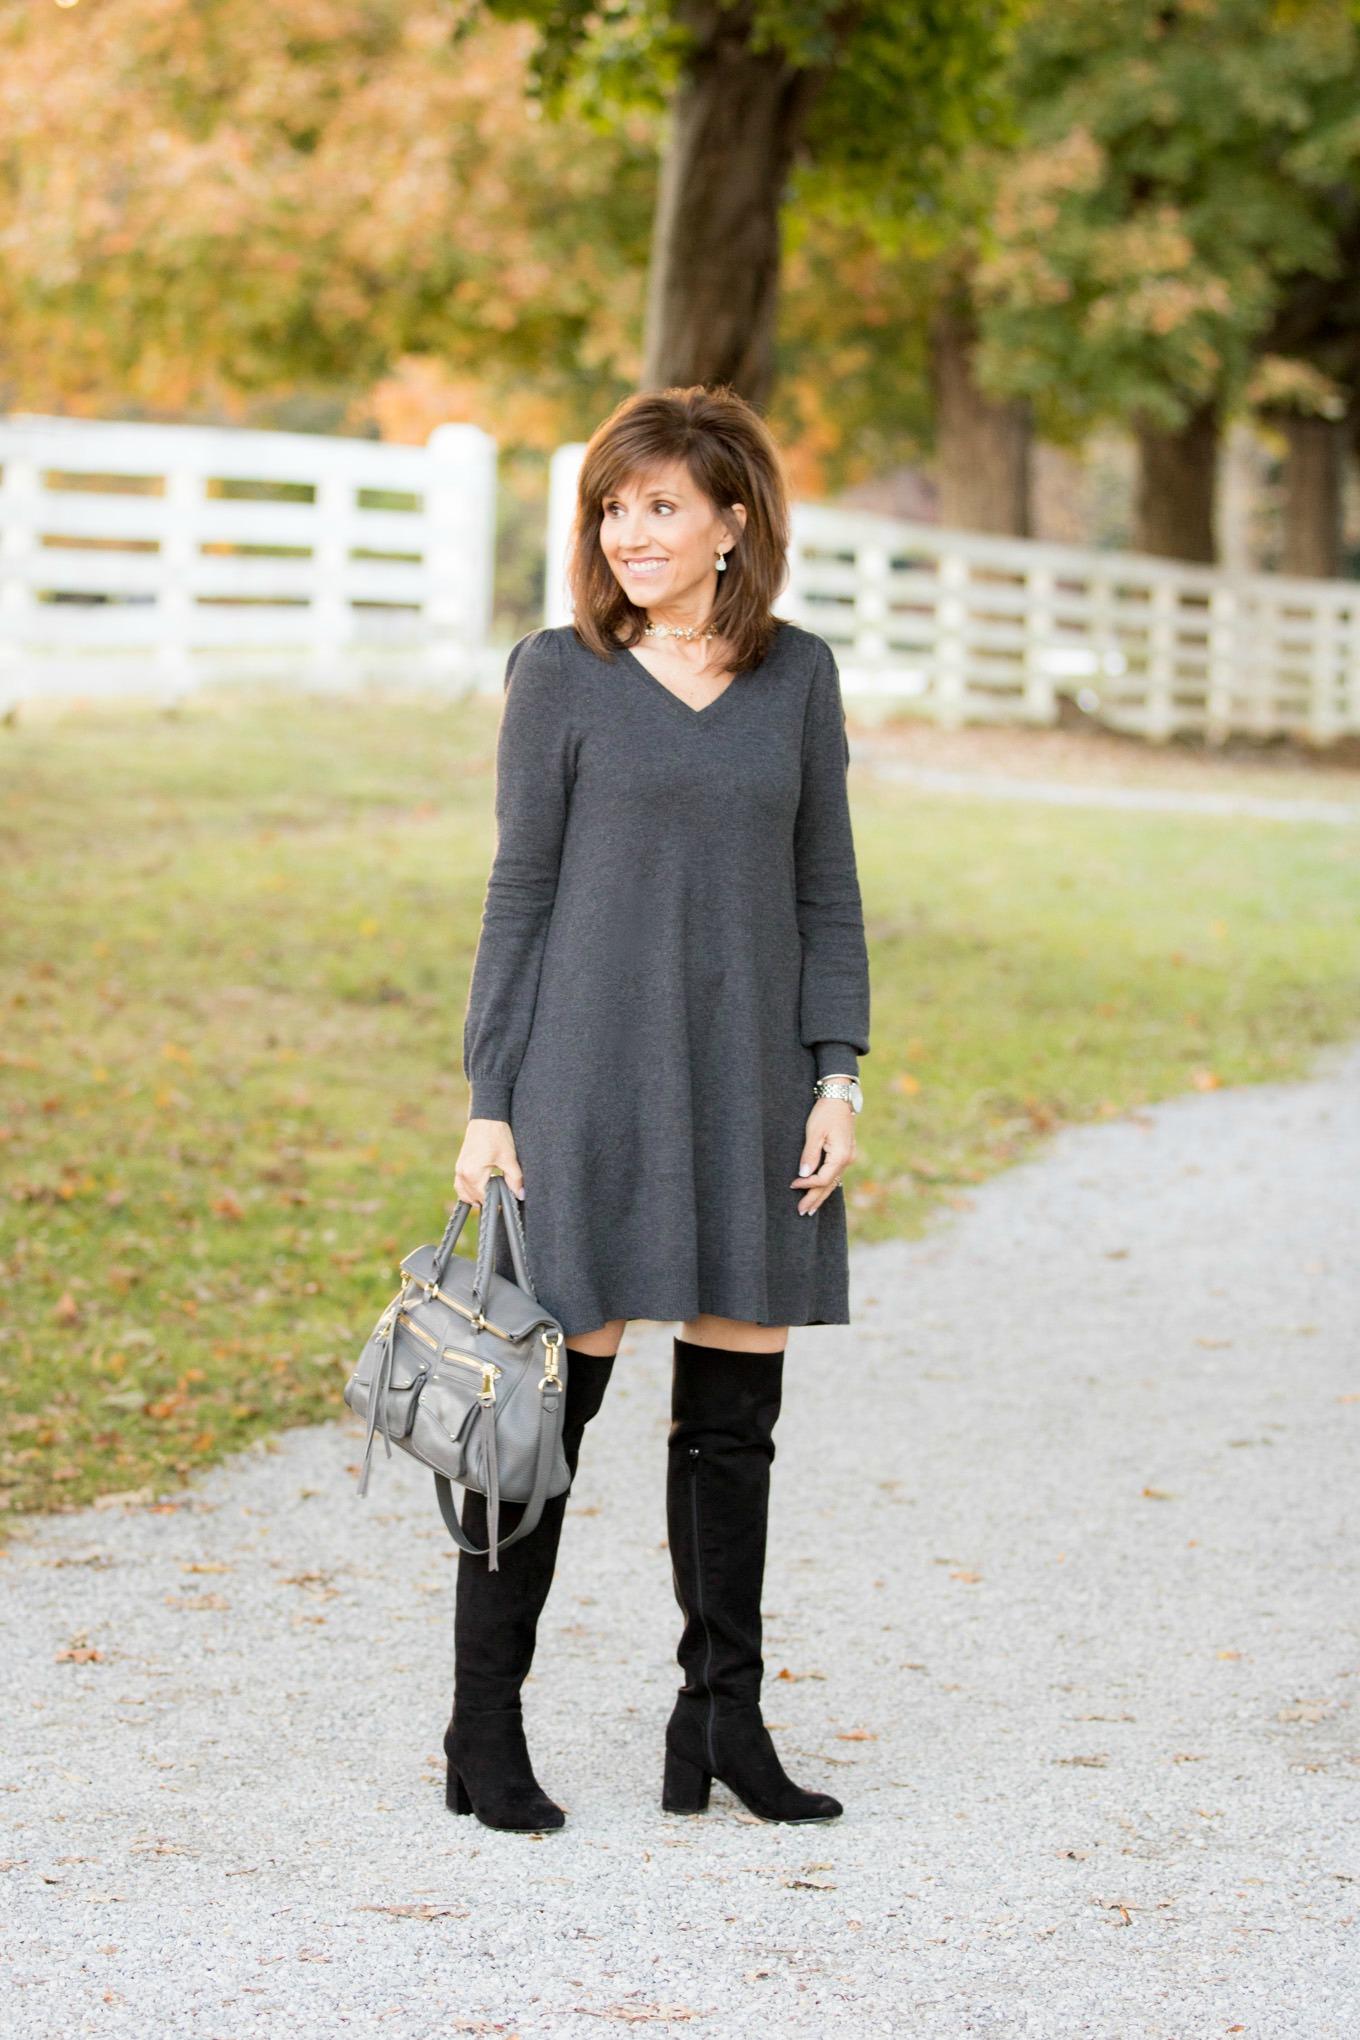 Fashion blogger Cyndi Spivey styling a sweater dress from Loft.